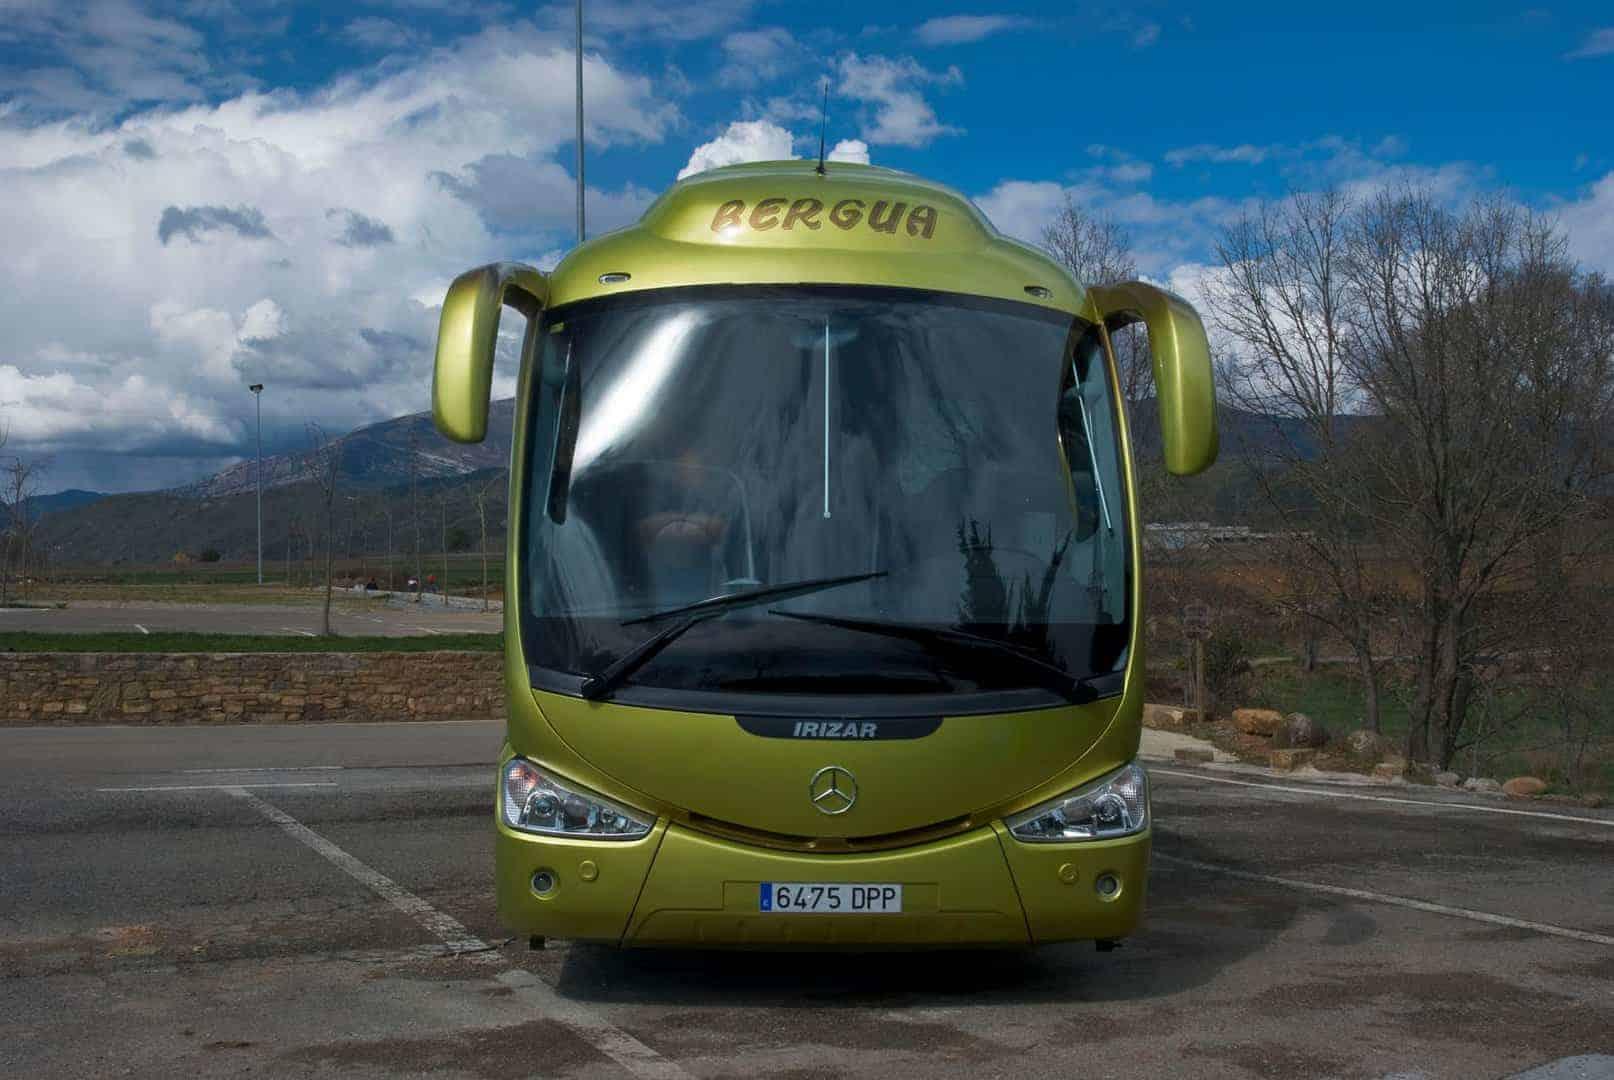 6475DPP -2 Bergua